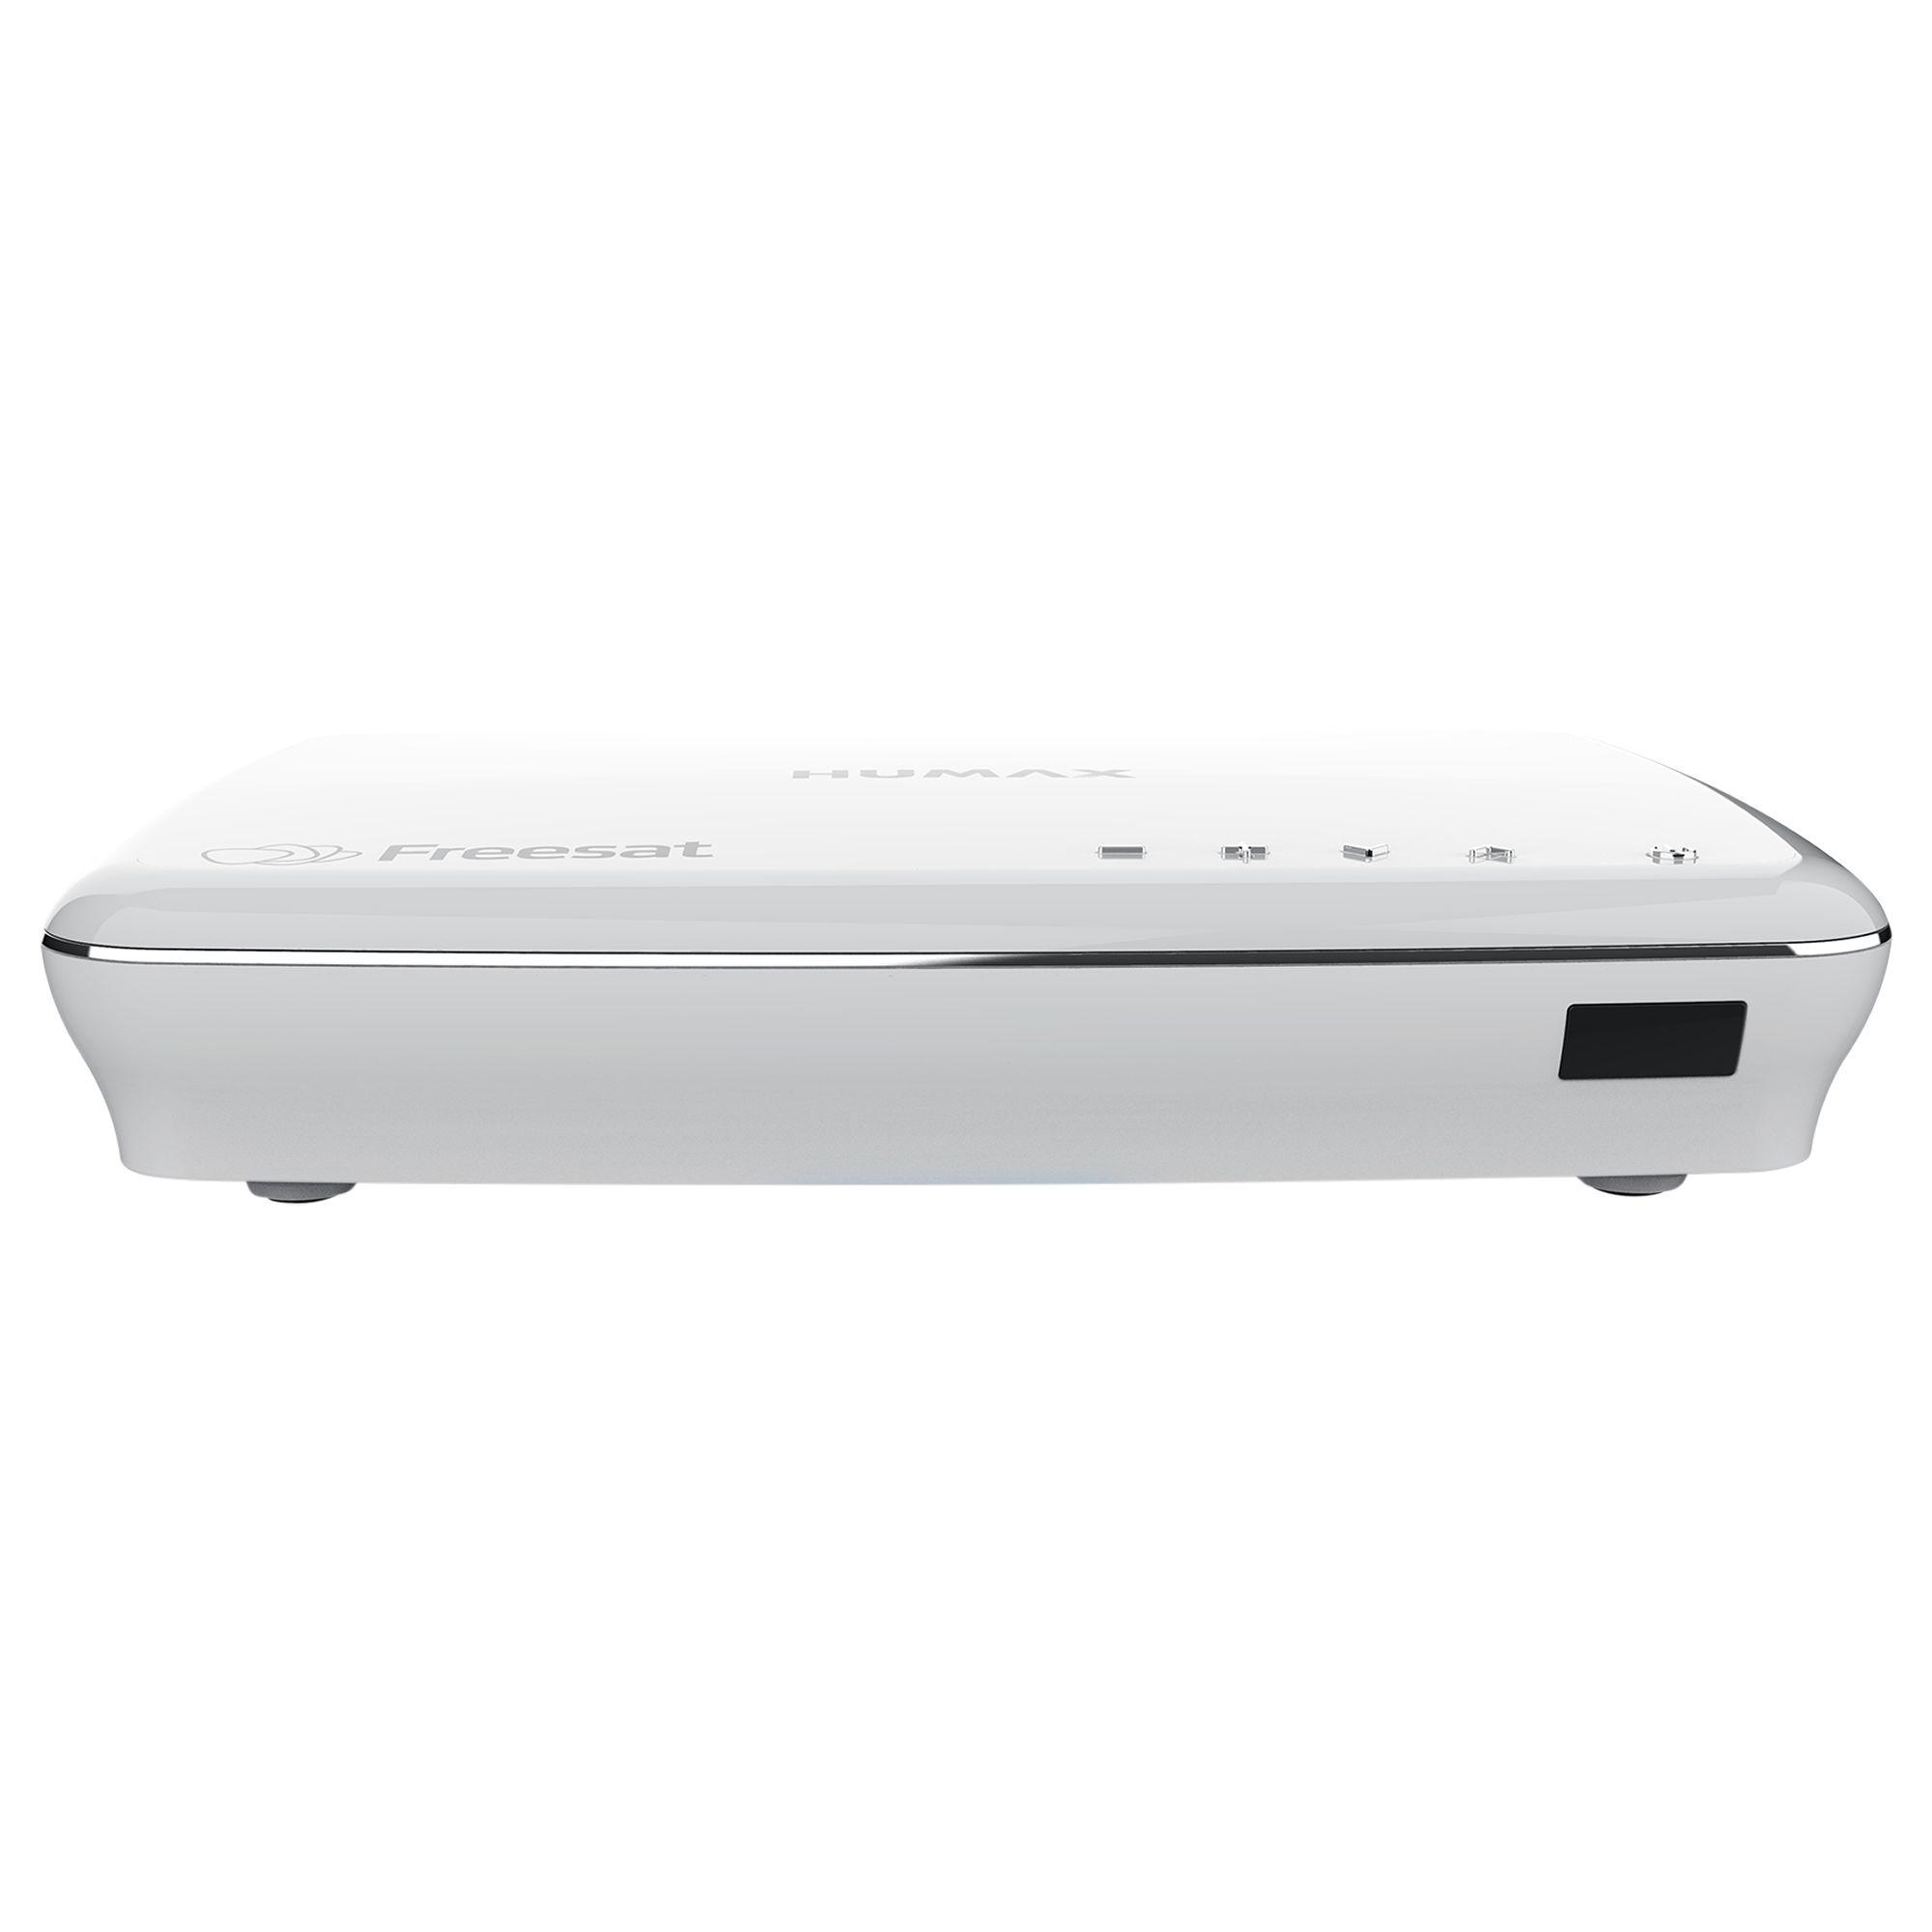 Humax Humax HDR-1100S Smart 1TB Freesat Digital TV Recorder